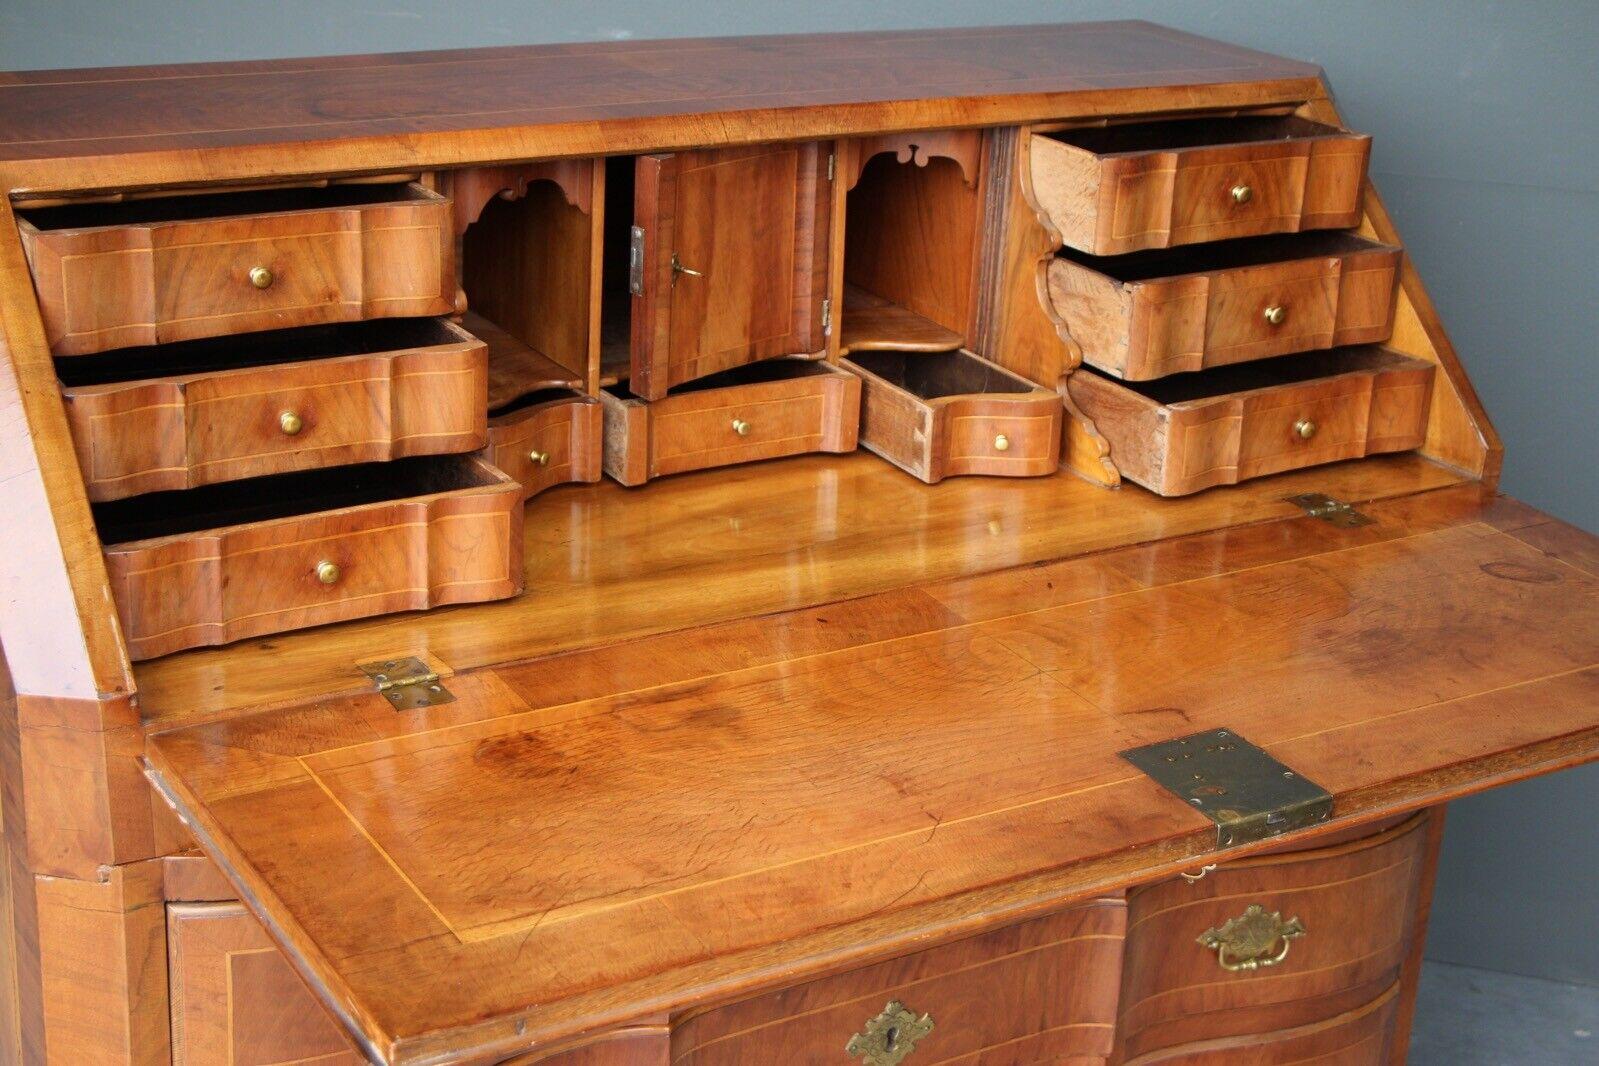 Rare antique 18th century European baroque walnut inlaid secretaire bureau desk 6